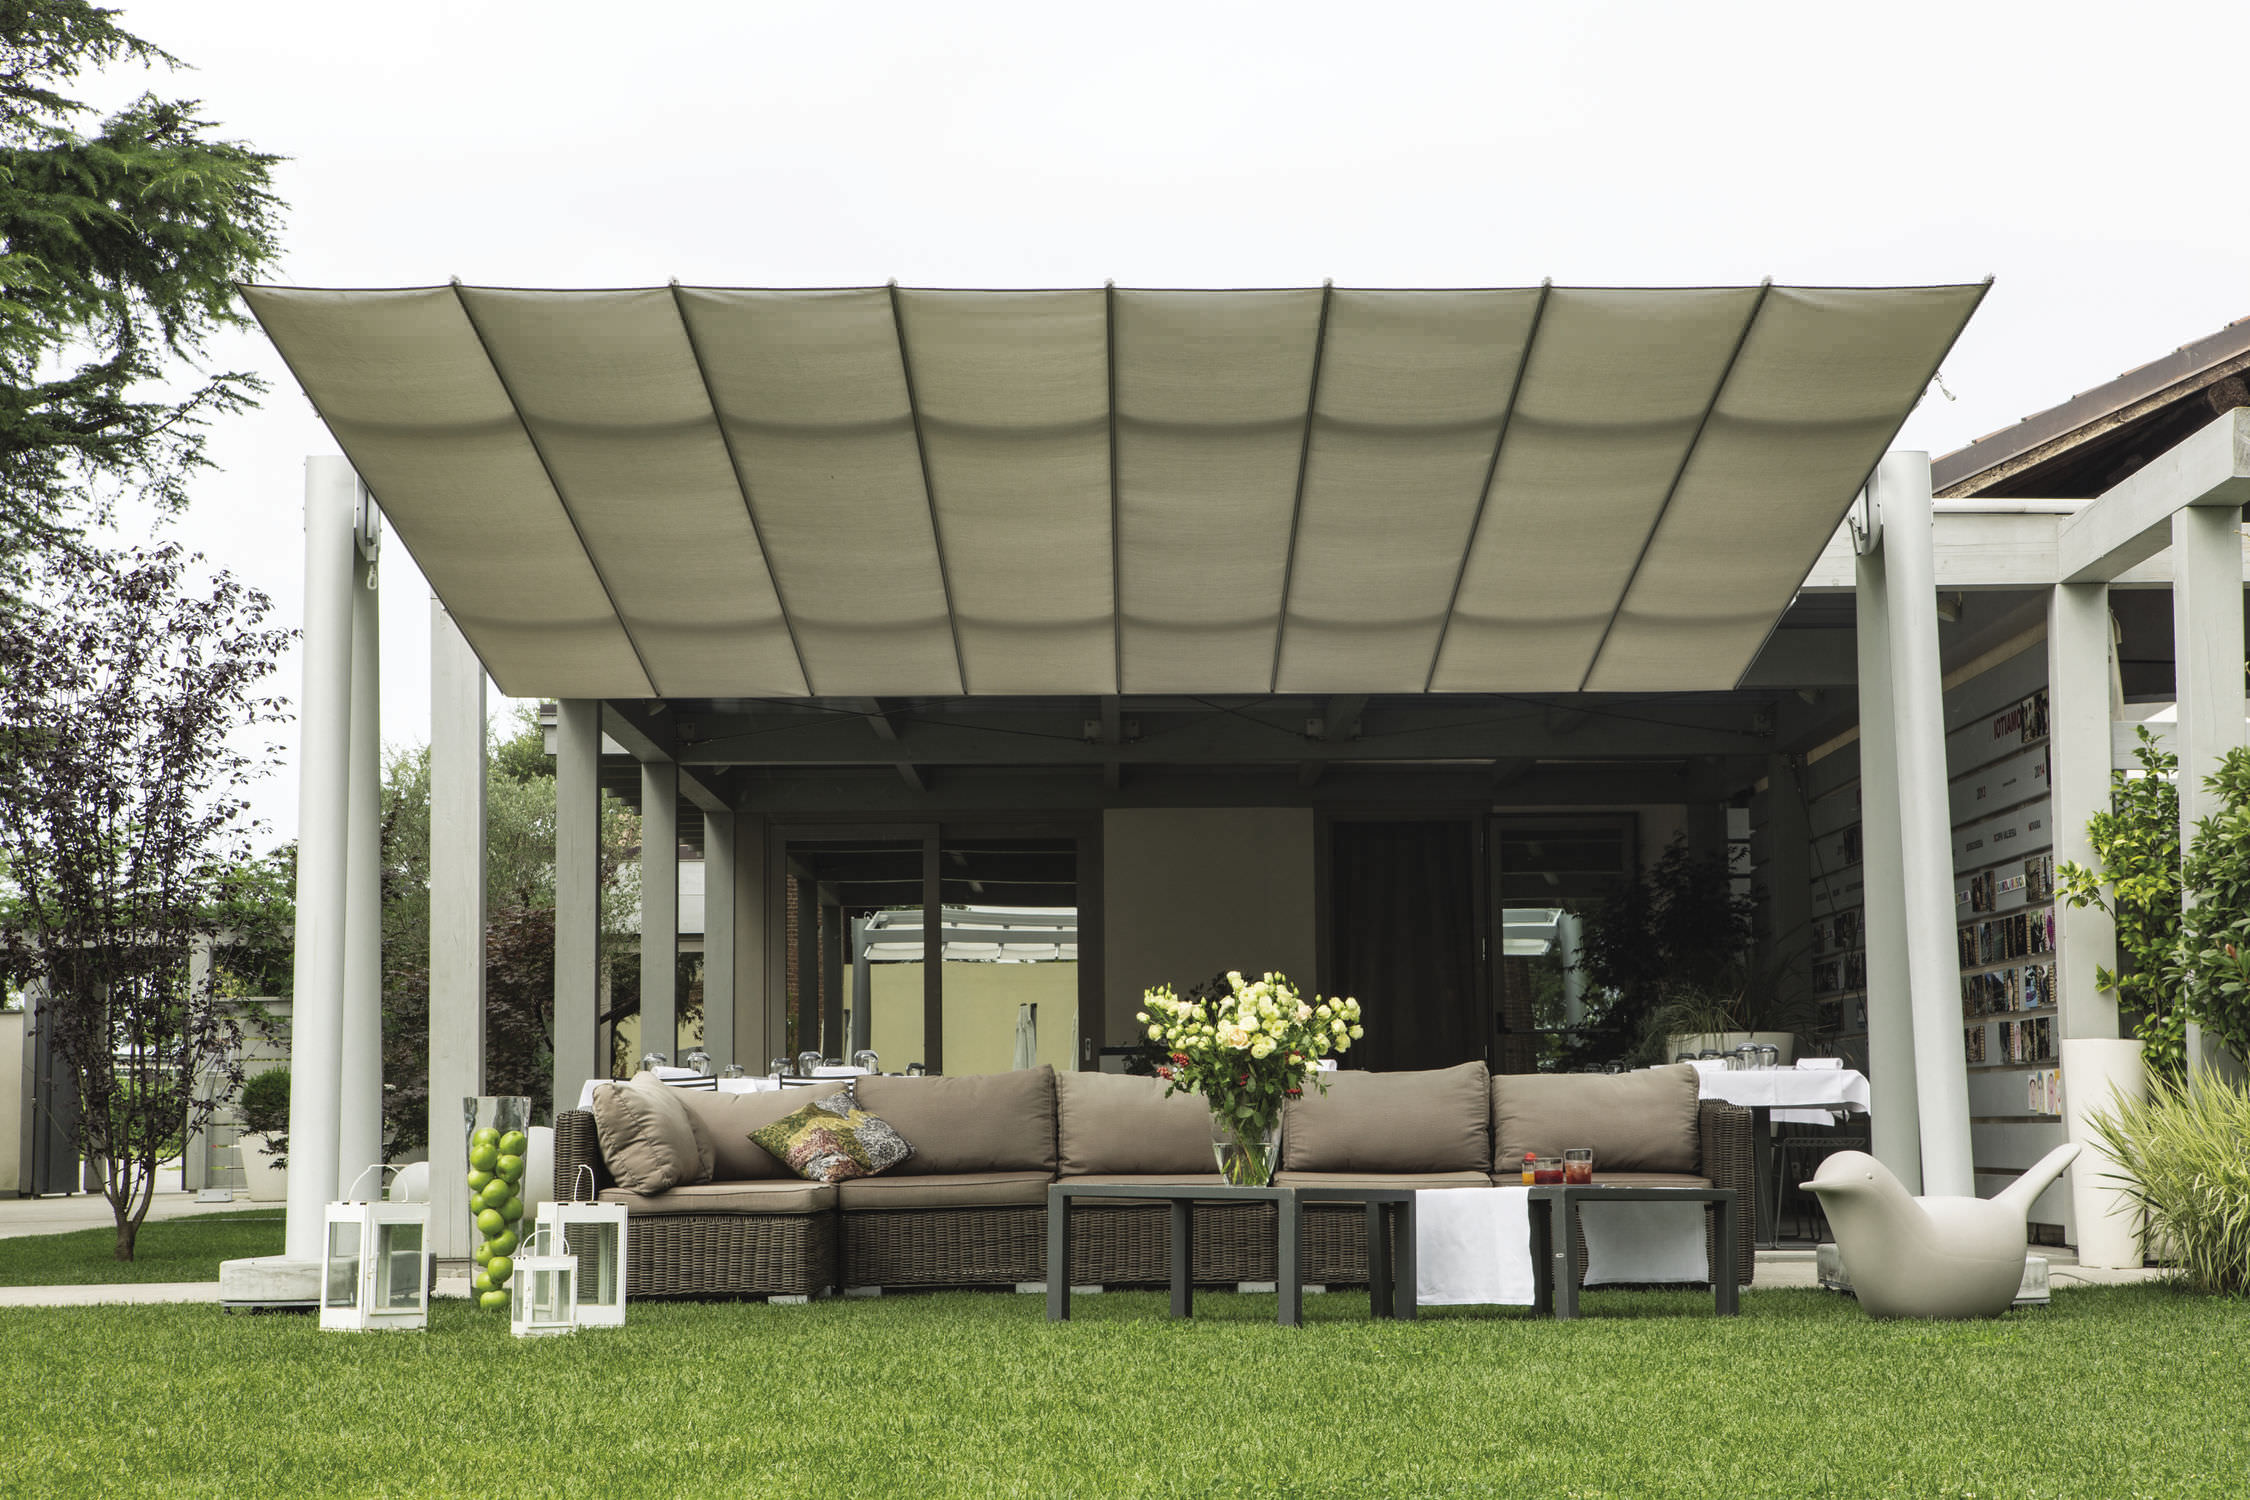 restaurant patio umbrella / for bars / fabric / aluminum - flexy xl Backyard Umbrella